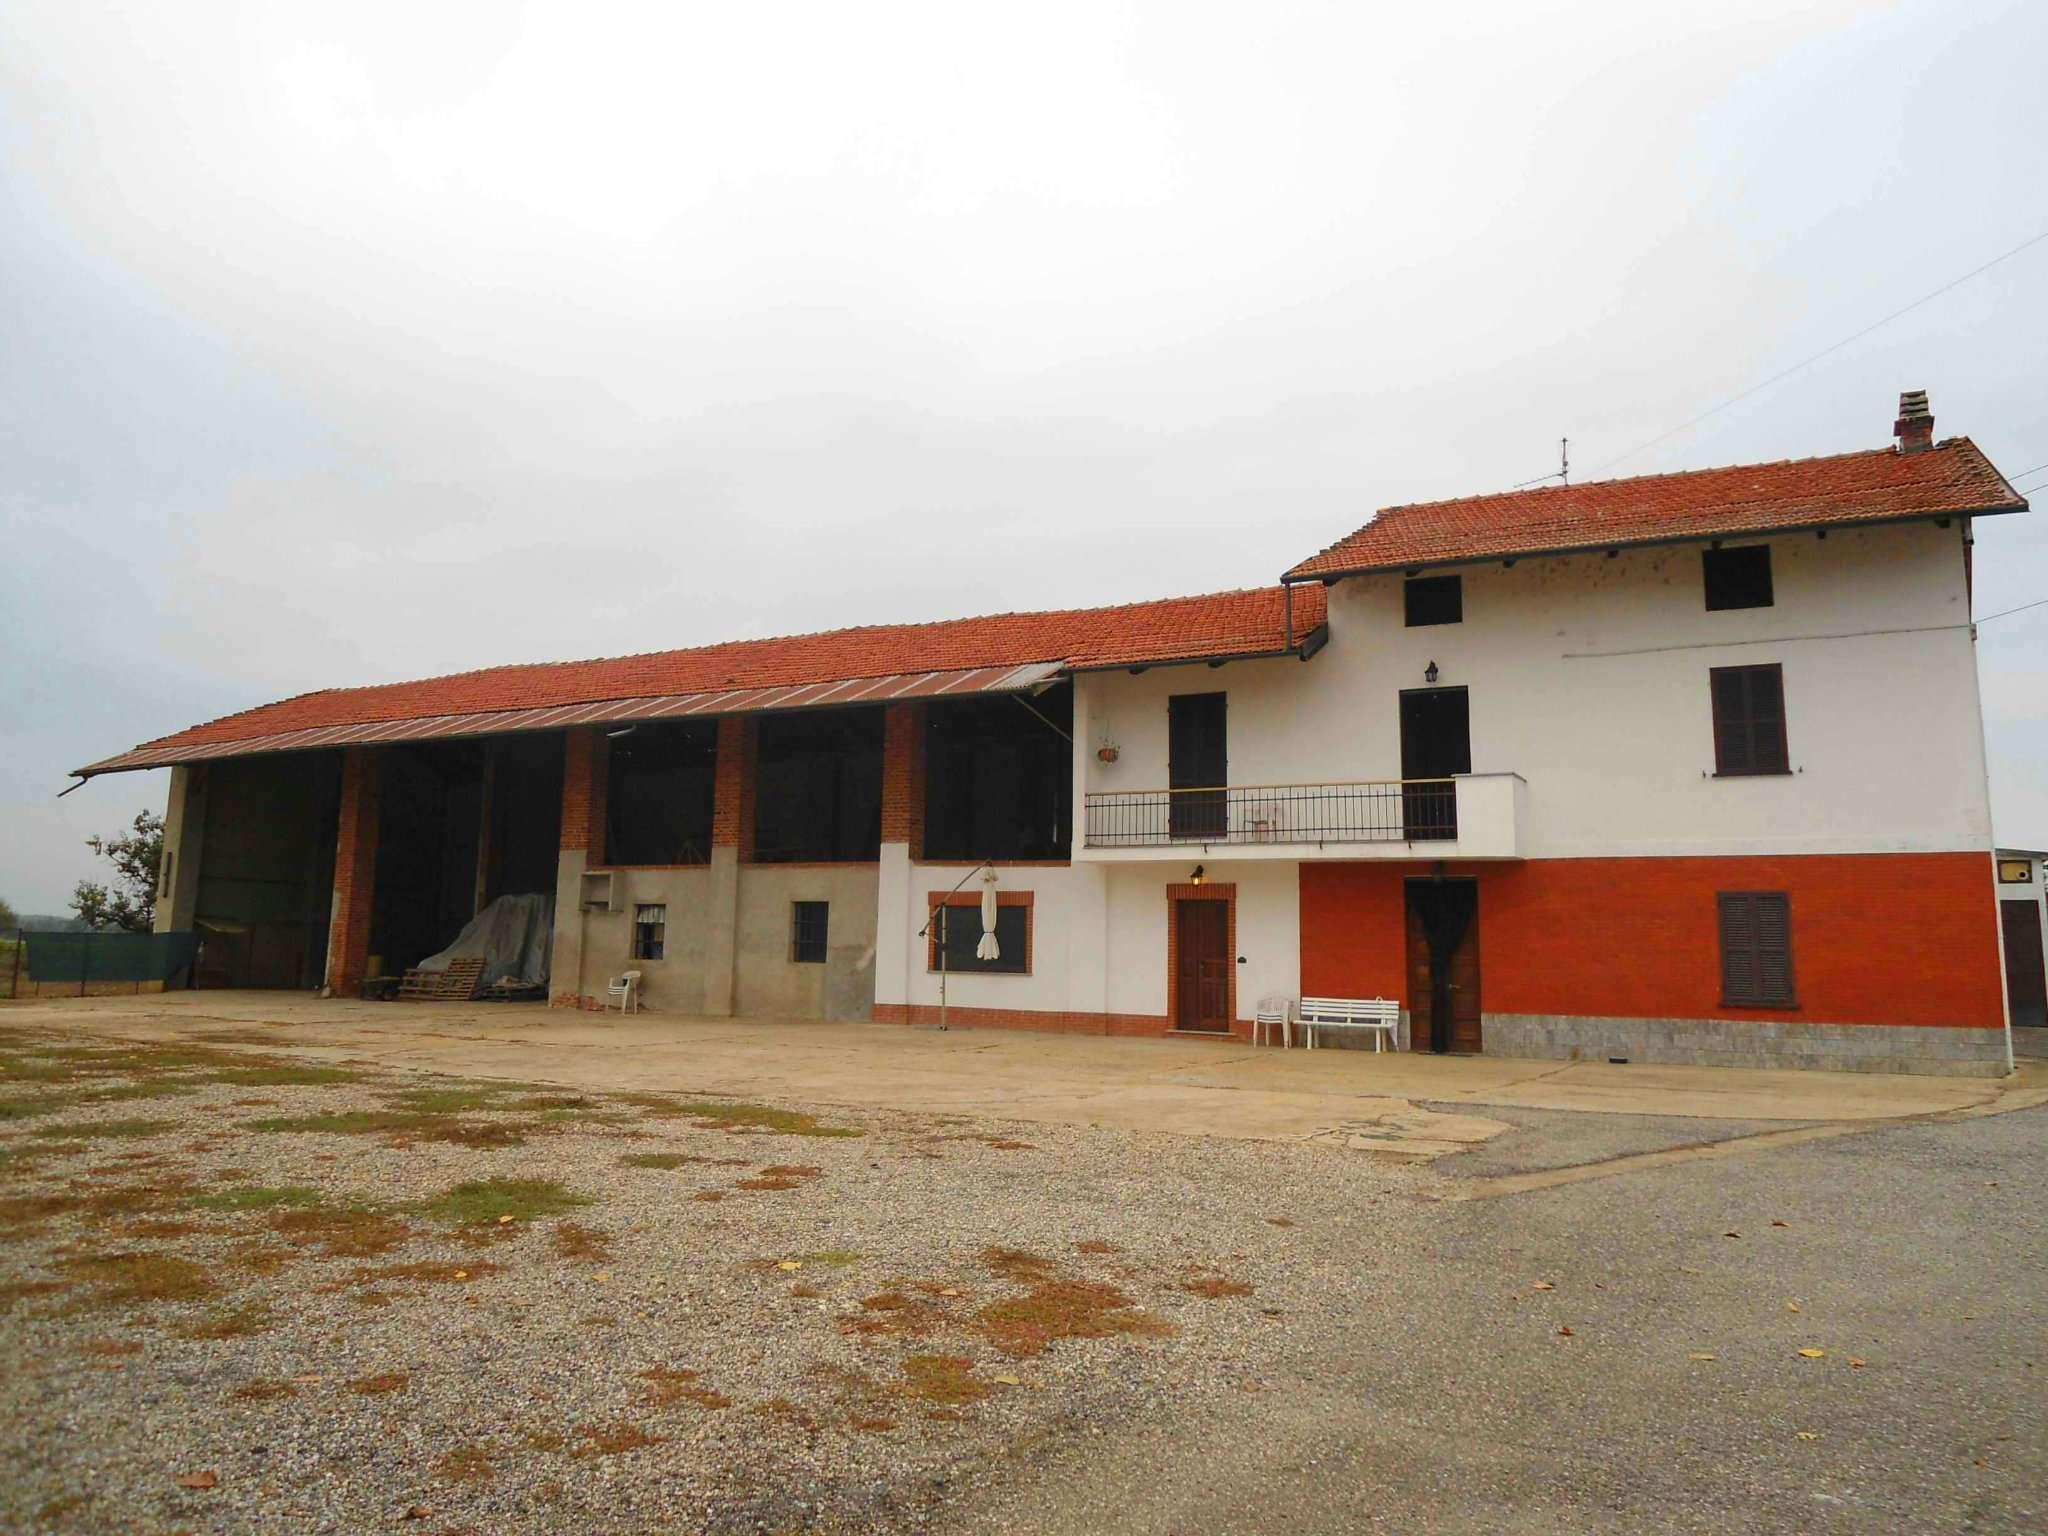 Rustico / Casale in vendita a Villanova d'Asti, 9999 locali, prezzo € 200.000 | Cambio Casa.it